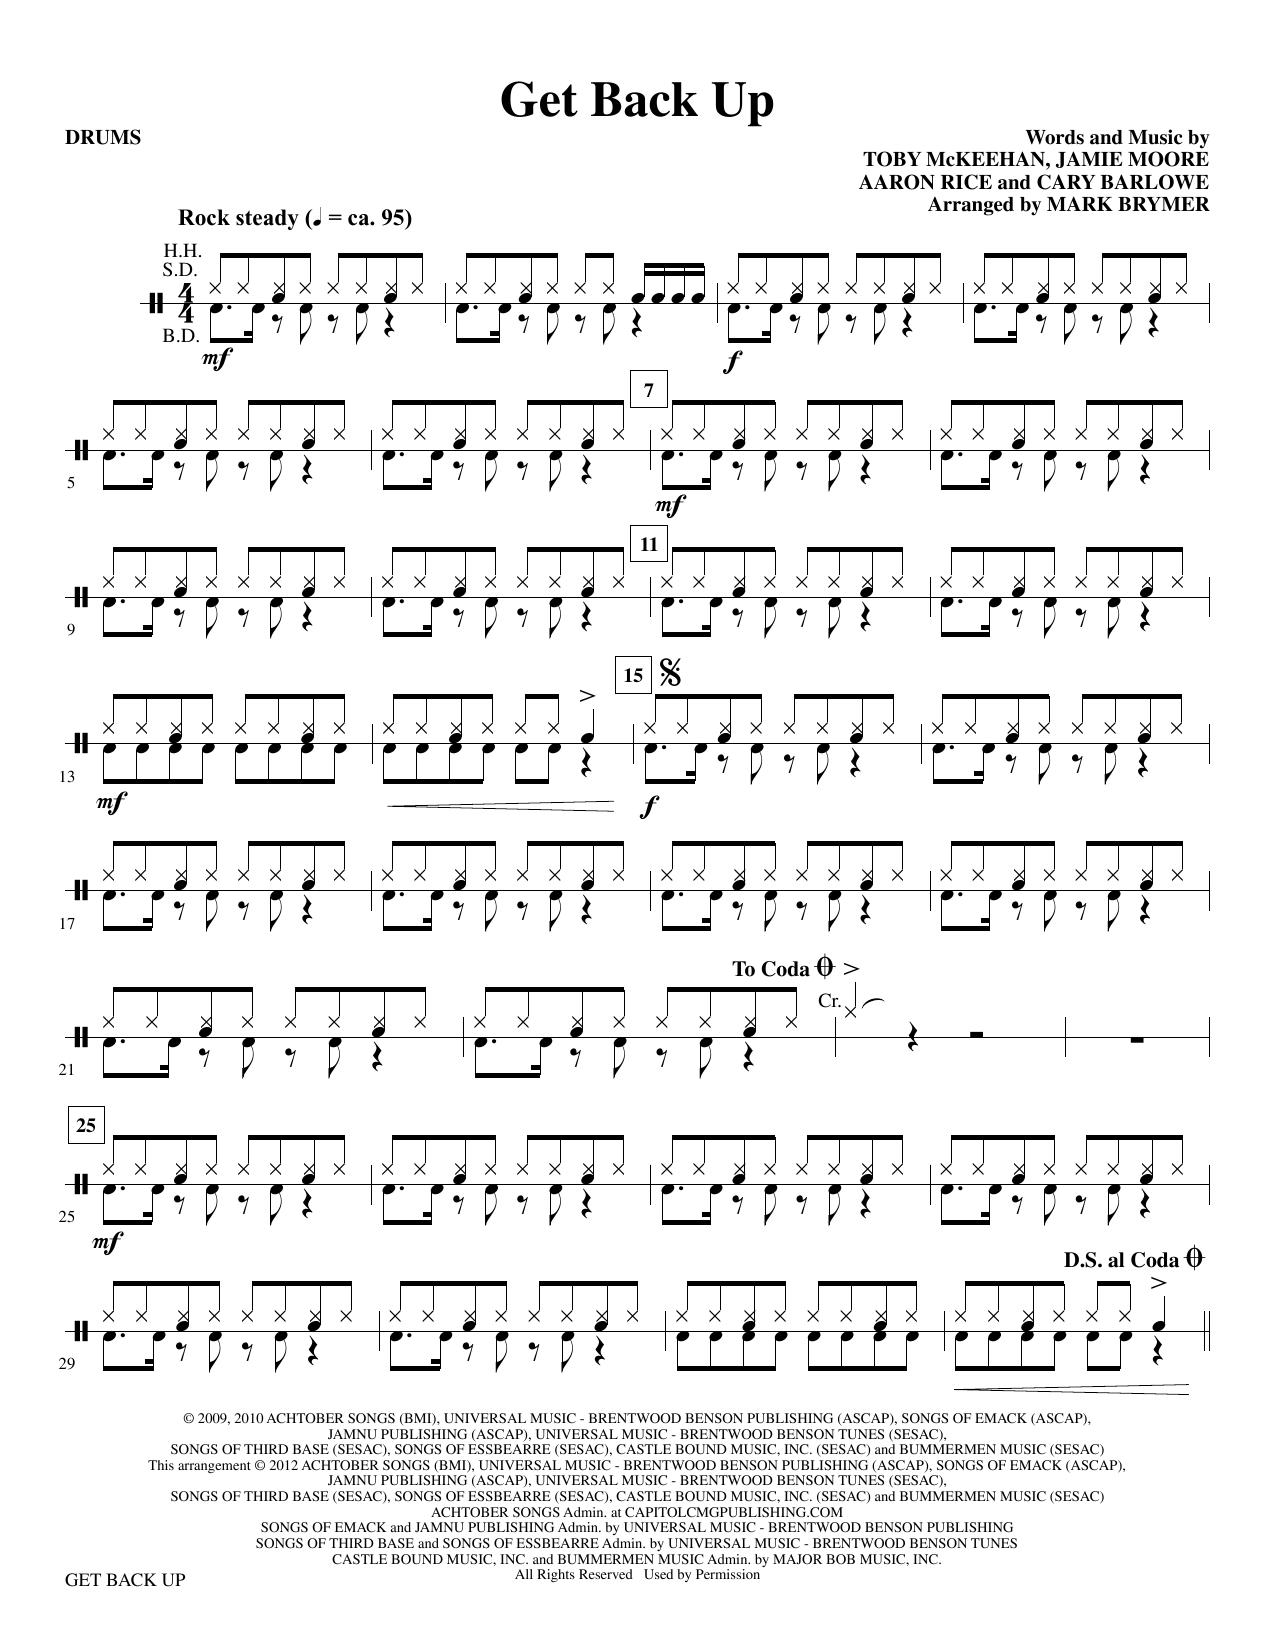 Get Back Up - Drums sheet music